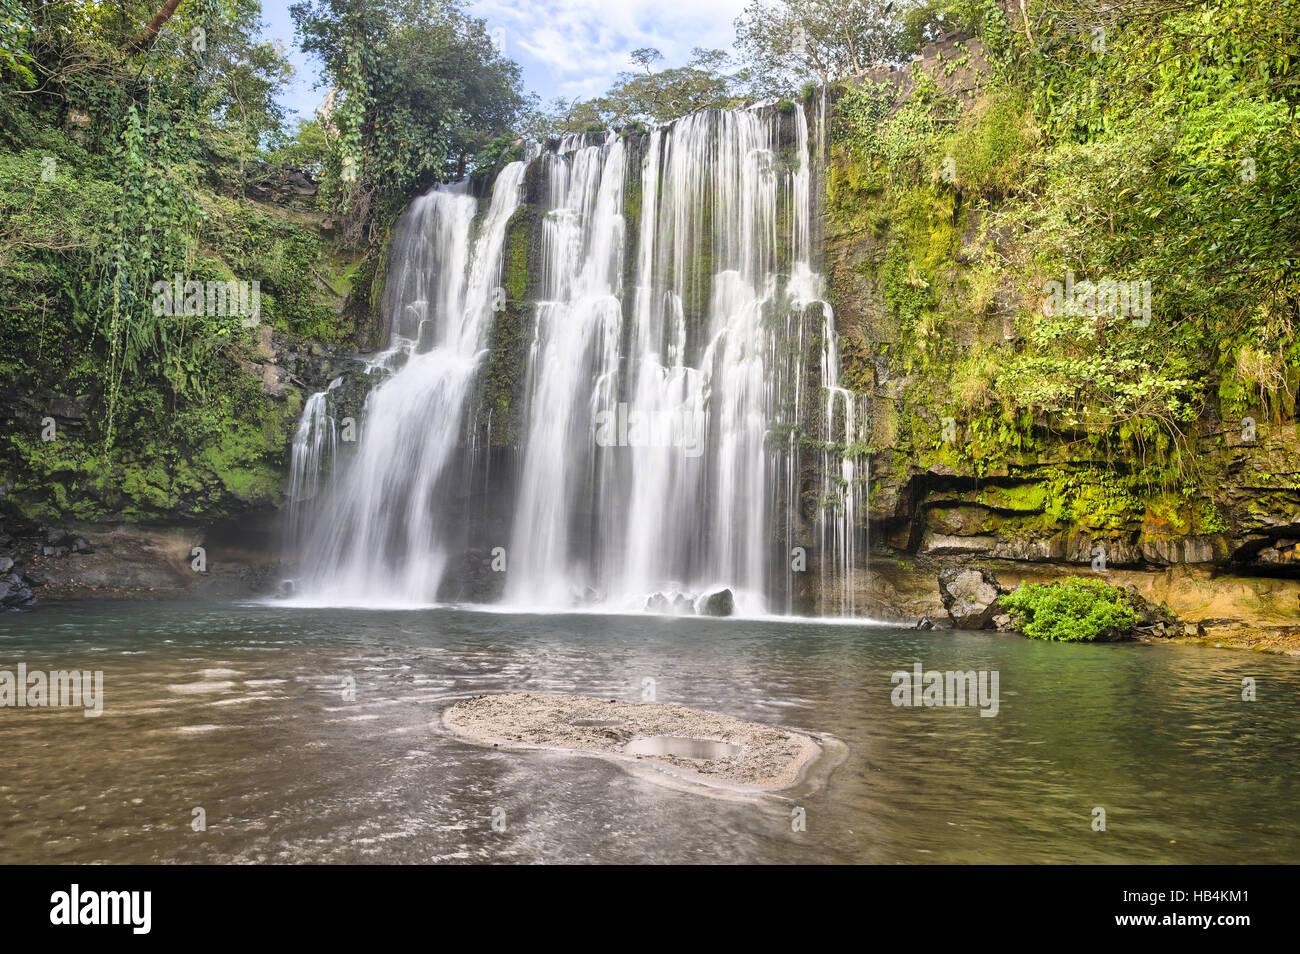 Llano de Cortes Falls - Stock Image